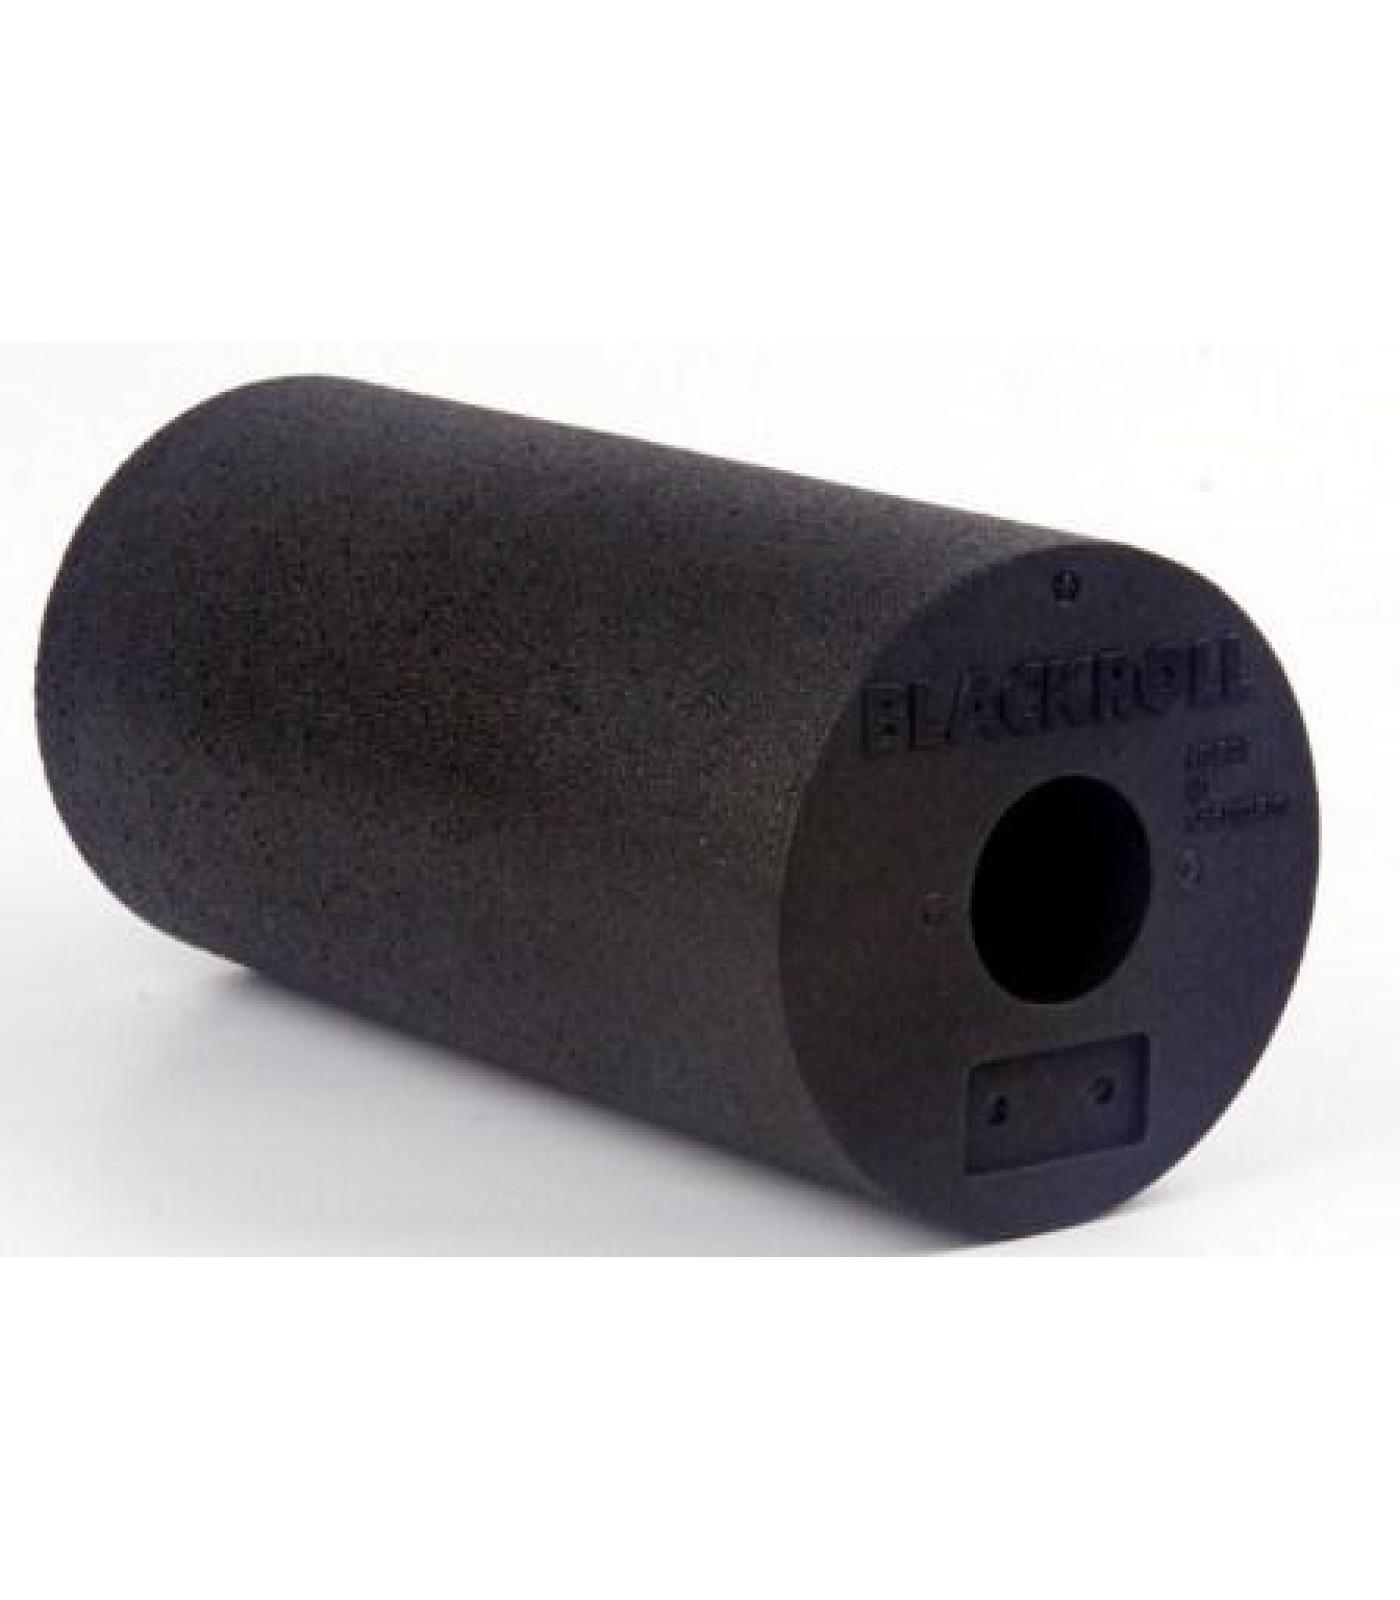 Blackroll - Ролка за упражнения / Pro